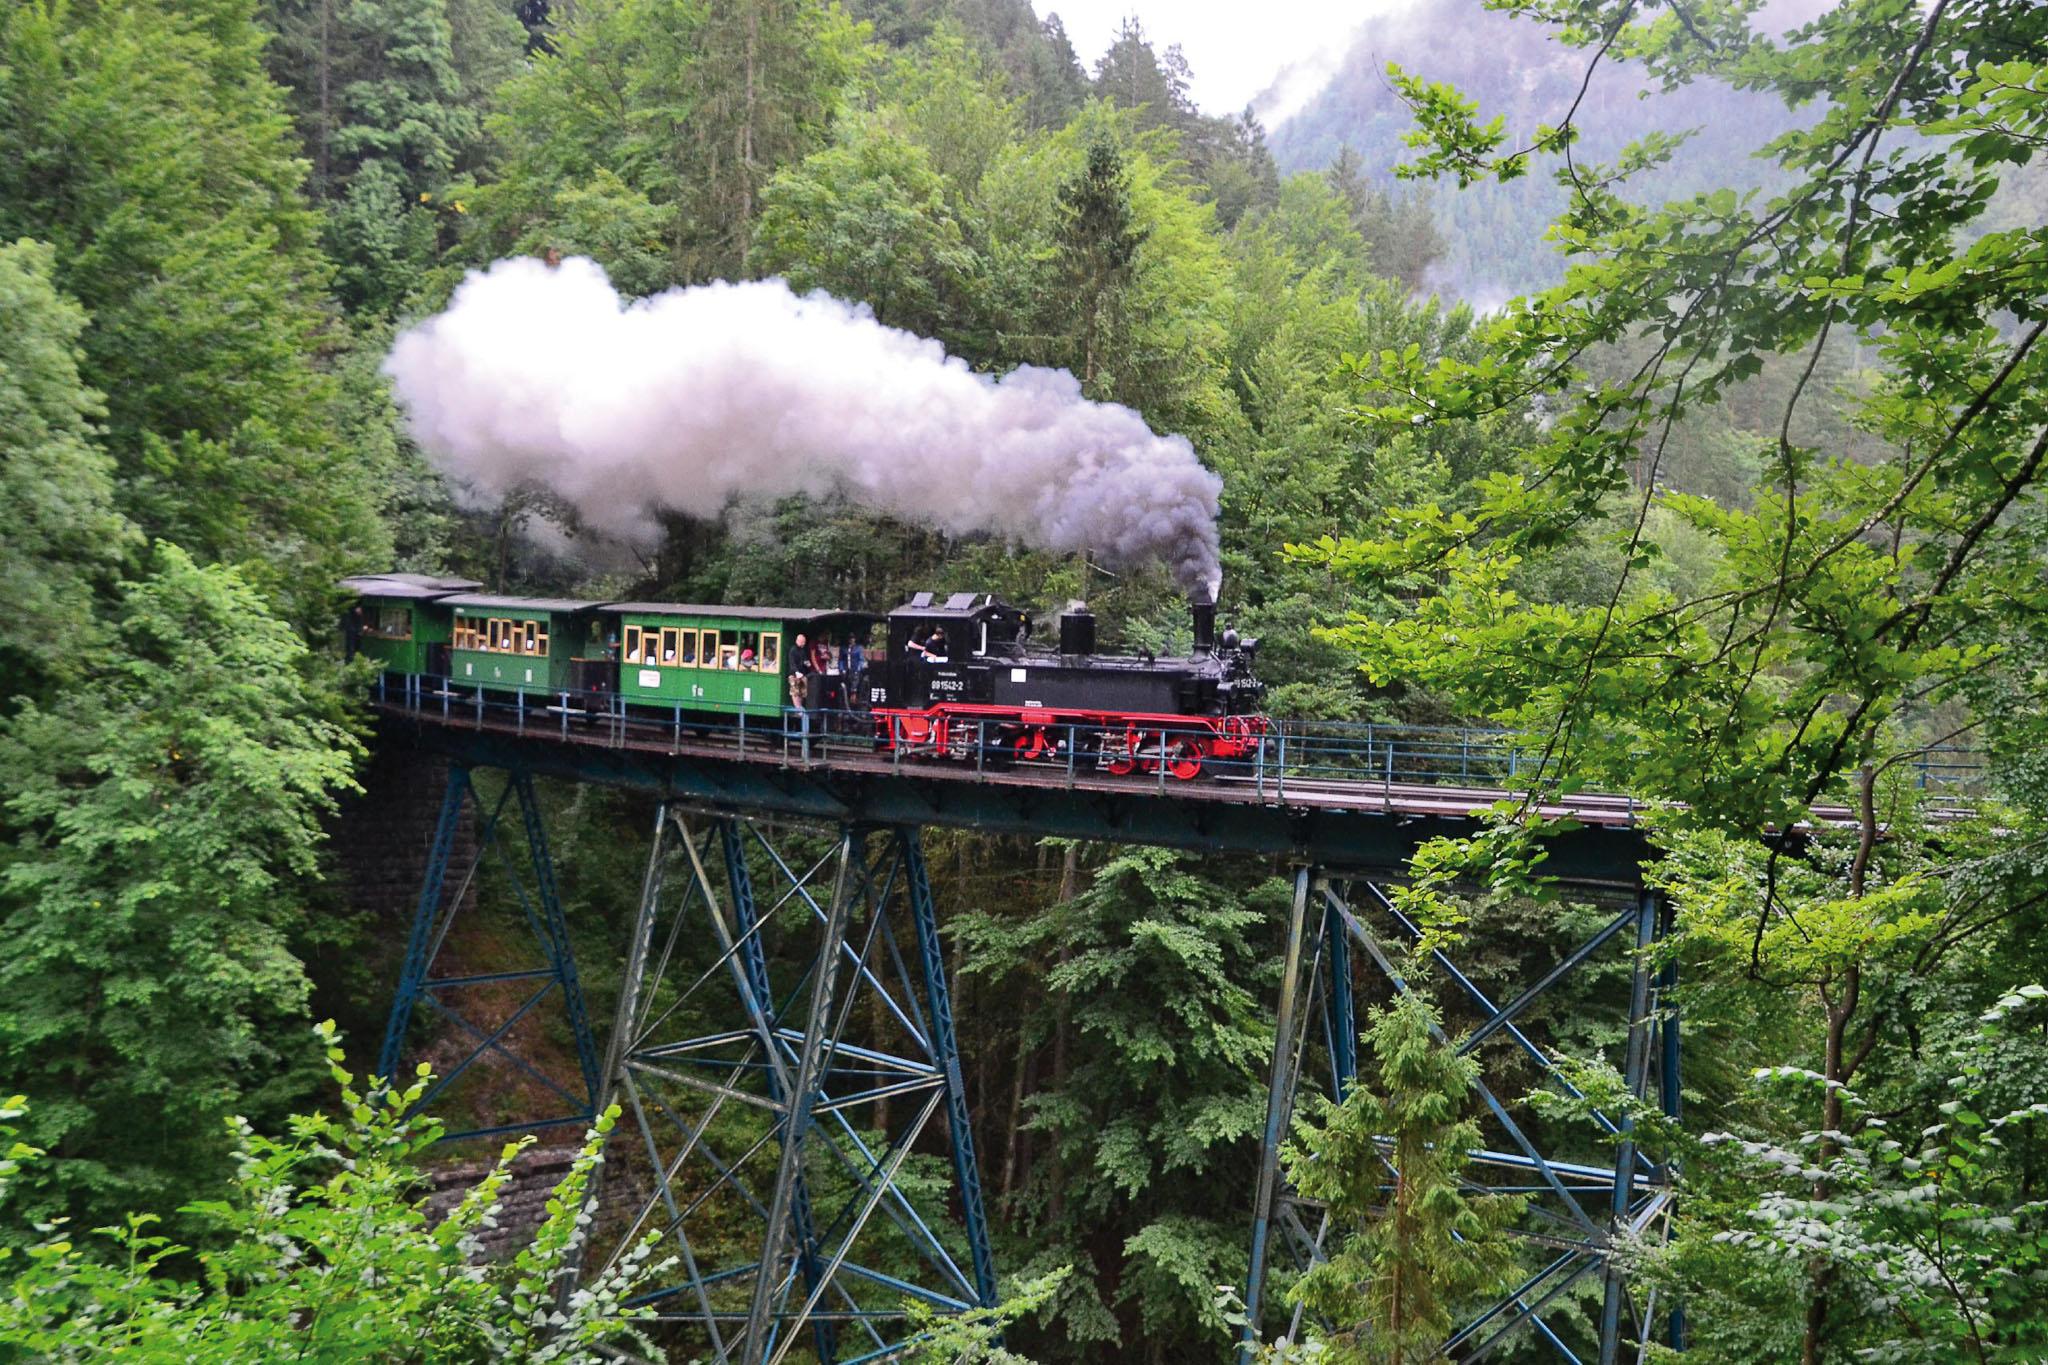 ©Foto: Konstantin Kirsch   railmen   Das denkmalgeschützte stählerne Wetterbach-Viadukt in Trestle-Bauweise ist eines der Wahrzeichen auf der Strecke des Ötscherland Express inmitten von Bergen, Felsen und Schluchten.